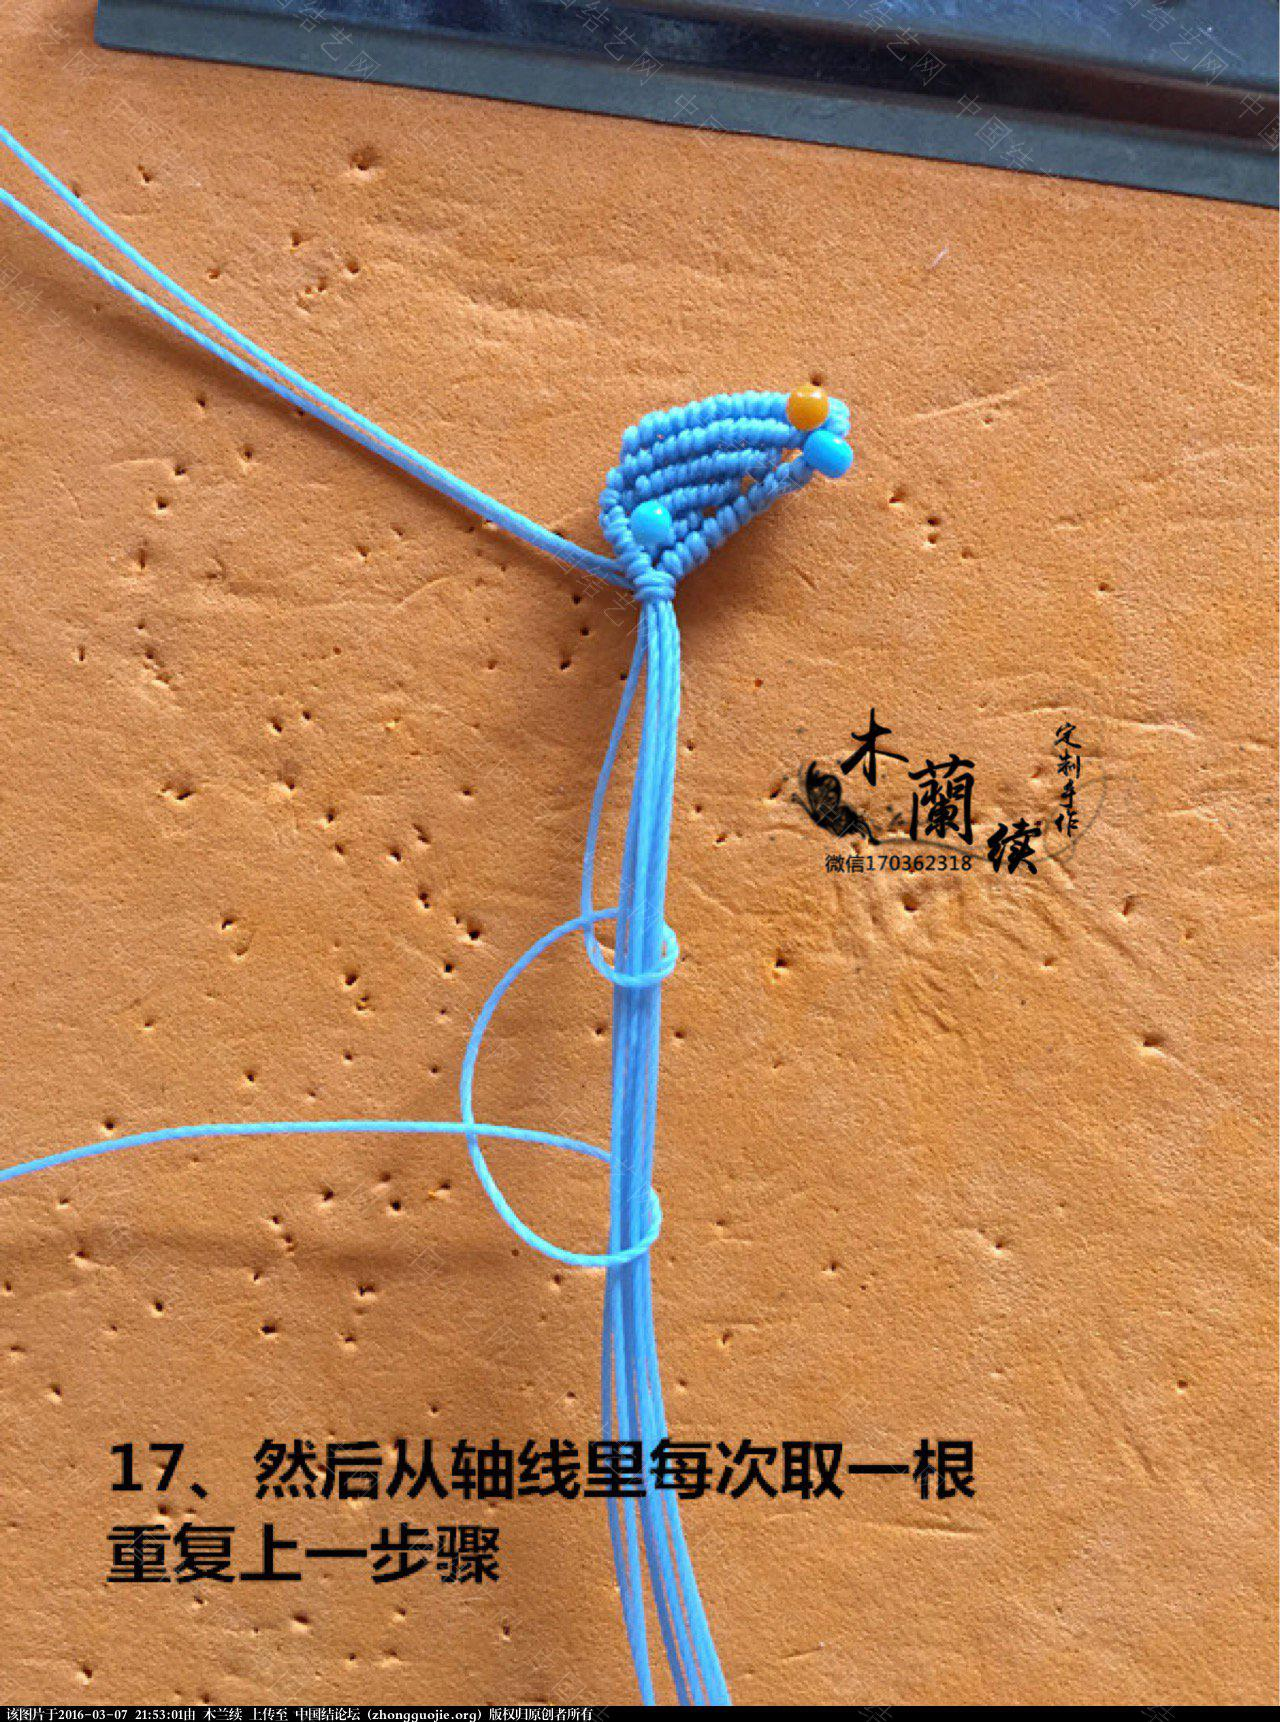 中国结论坛 【木兰续】萌萌的海星挂件! 木兰 图文教程区 214858hplqyflvwwza0dxq